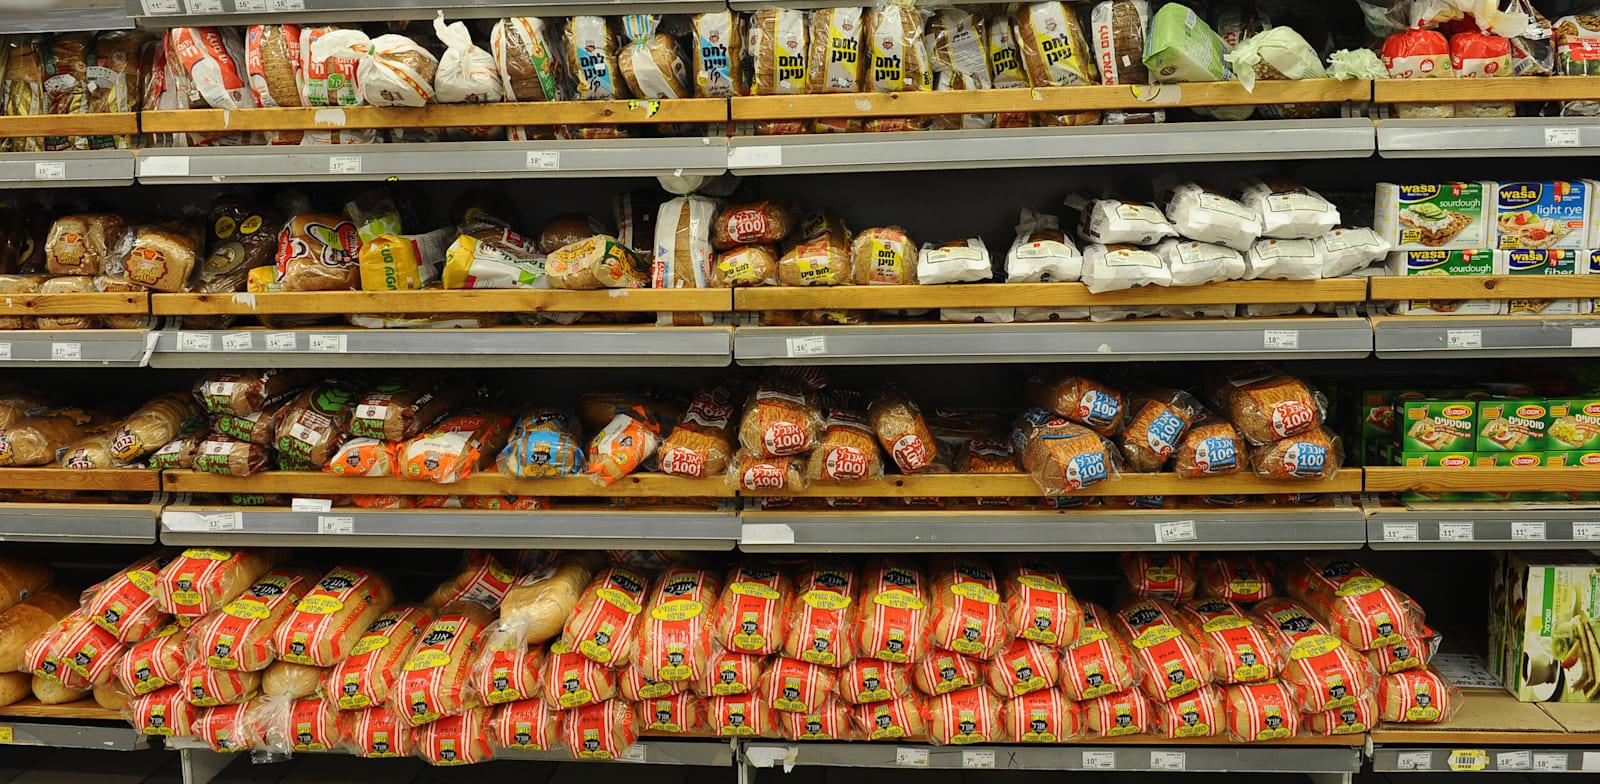 לחם / צילום: תמר מצפי